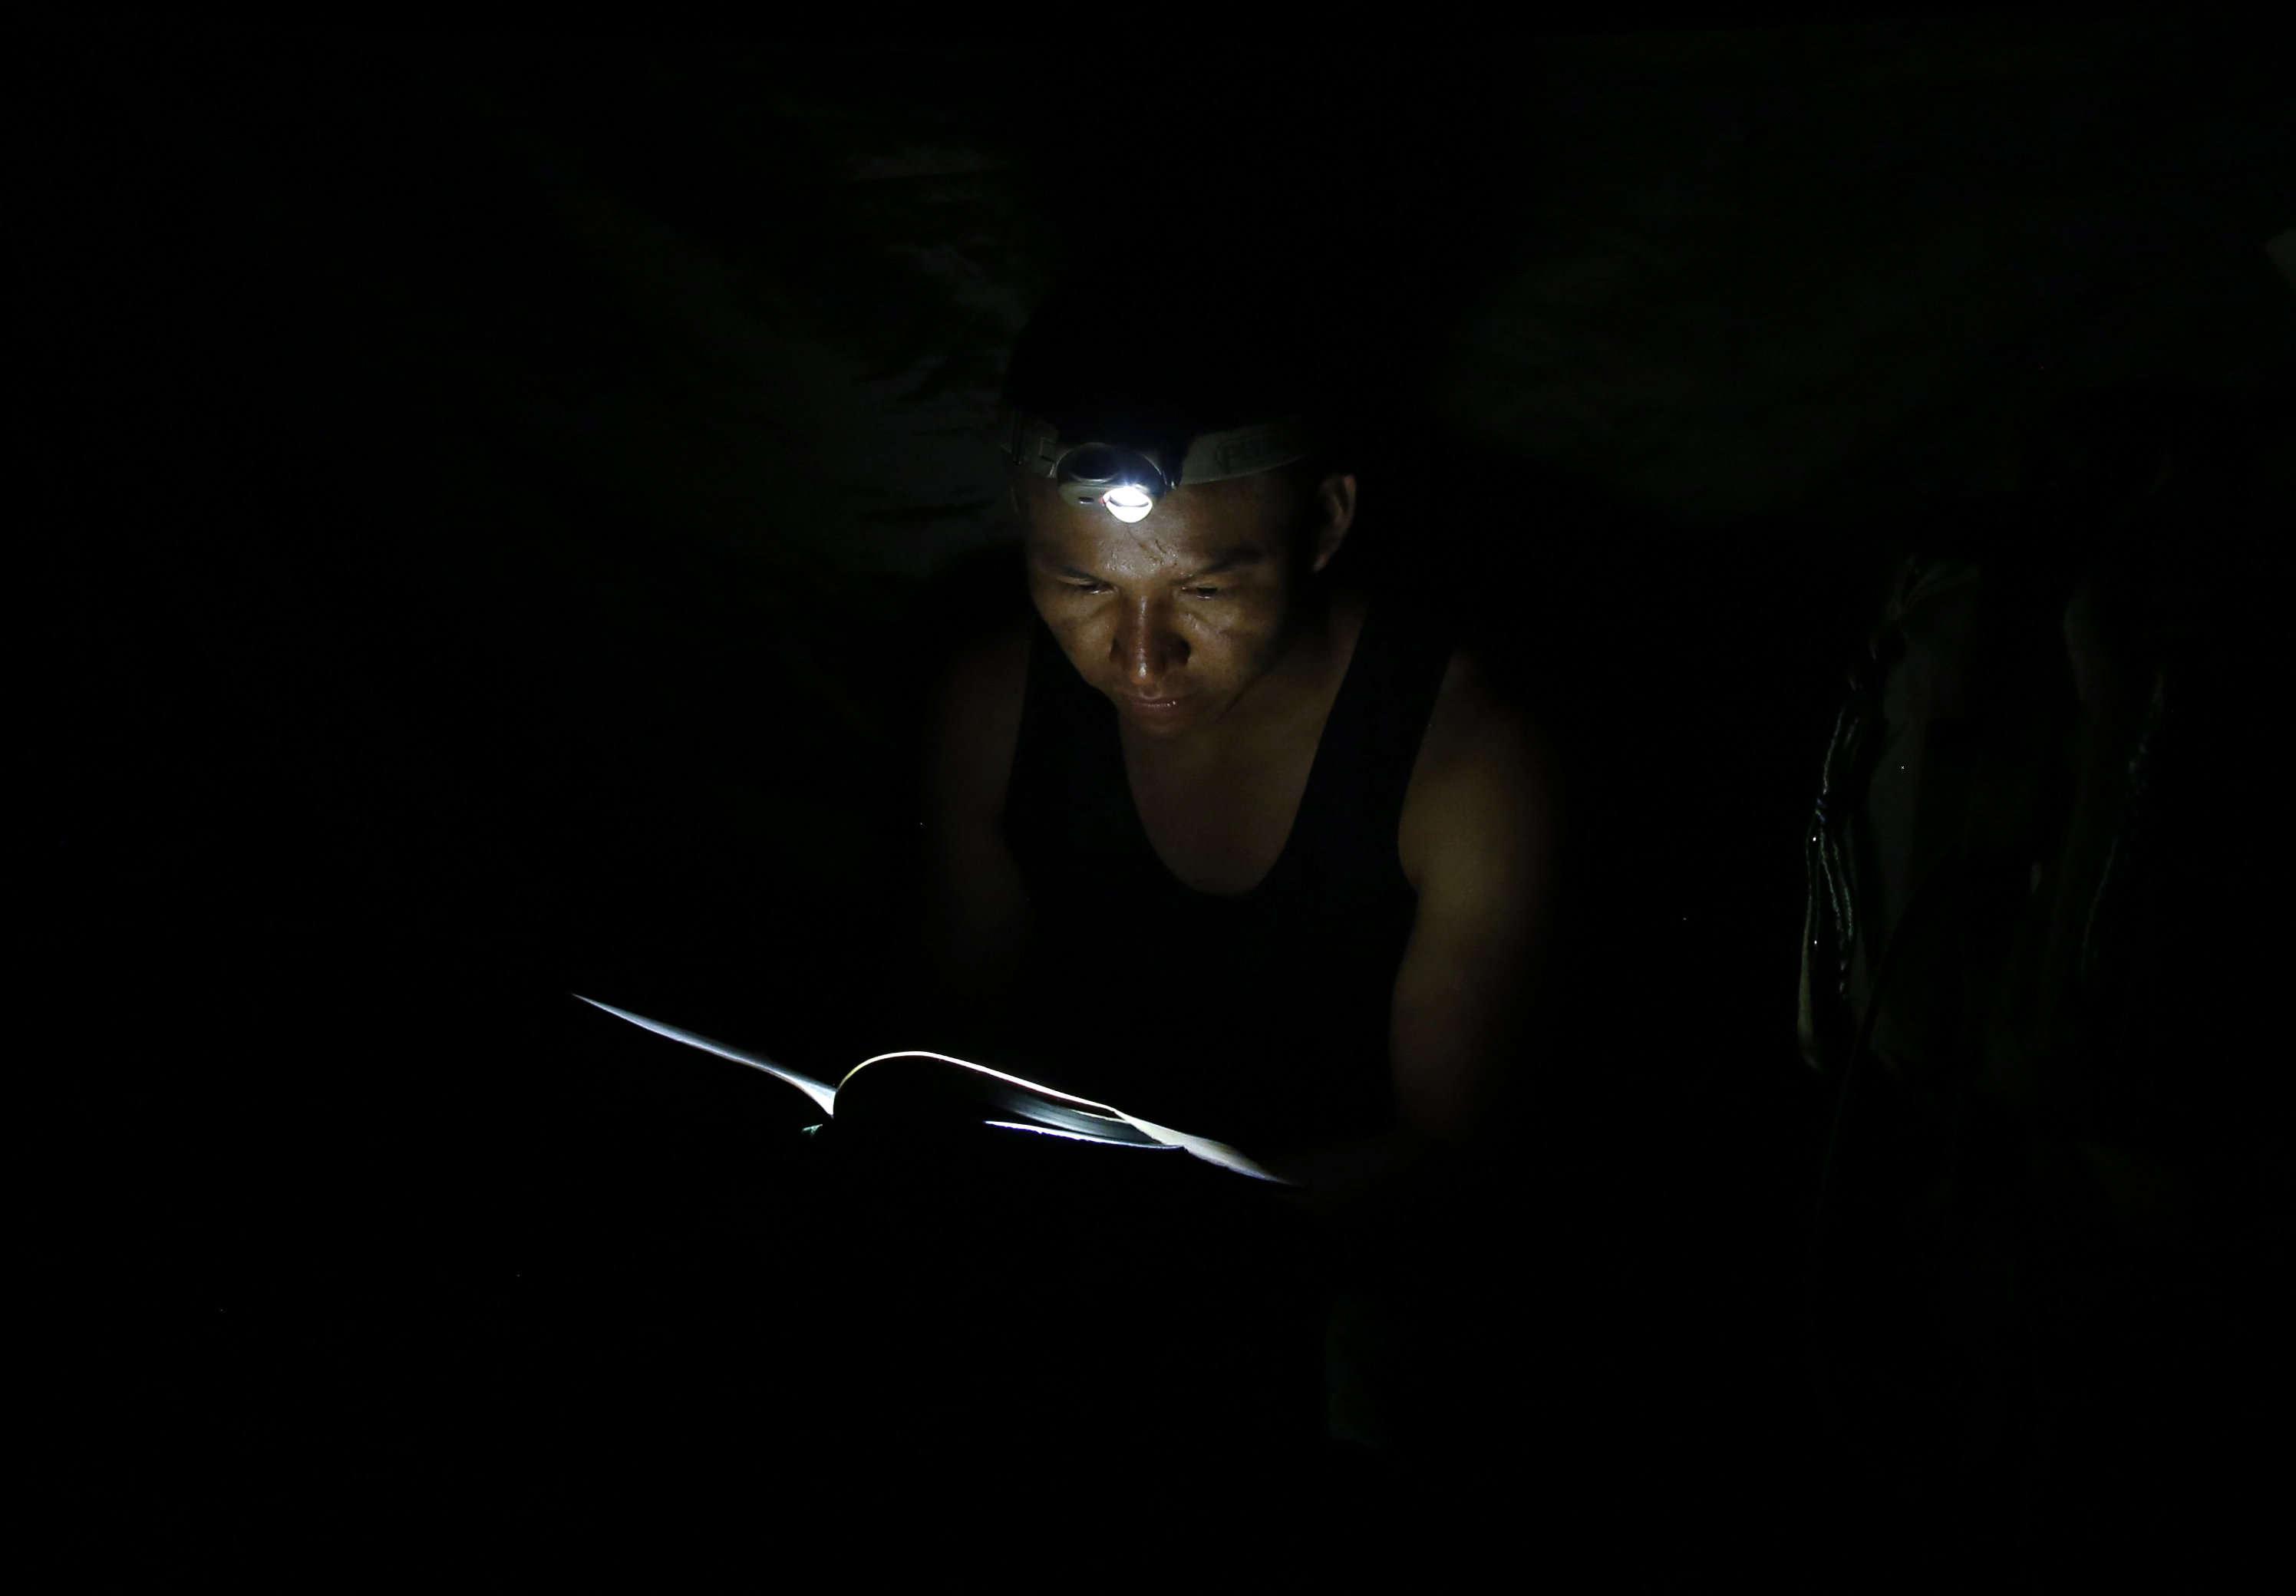 Un guérrillero du 48e front lit un ouvrage de Manuel Marulanda Vélez,cofondateur et commandant en chef des FARC.